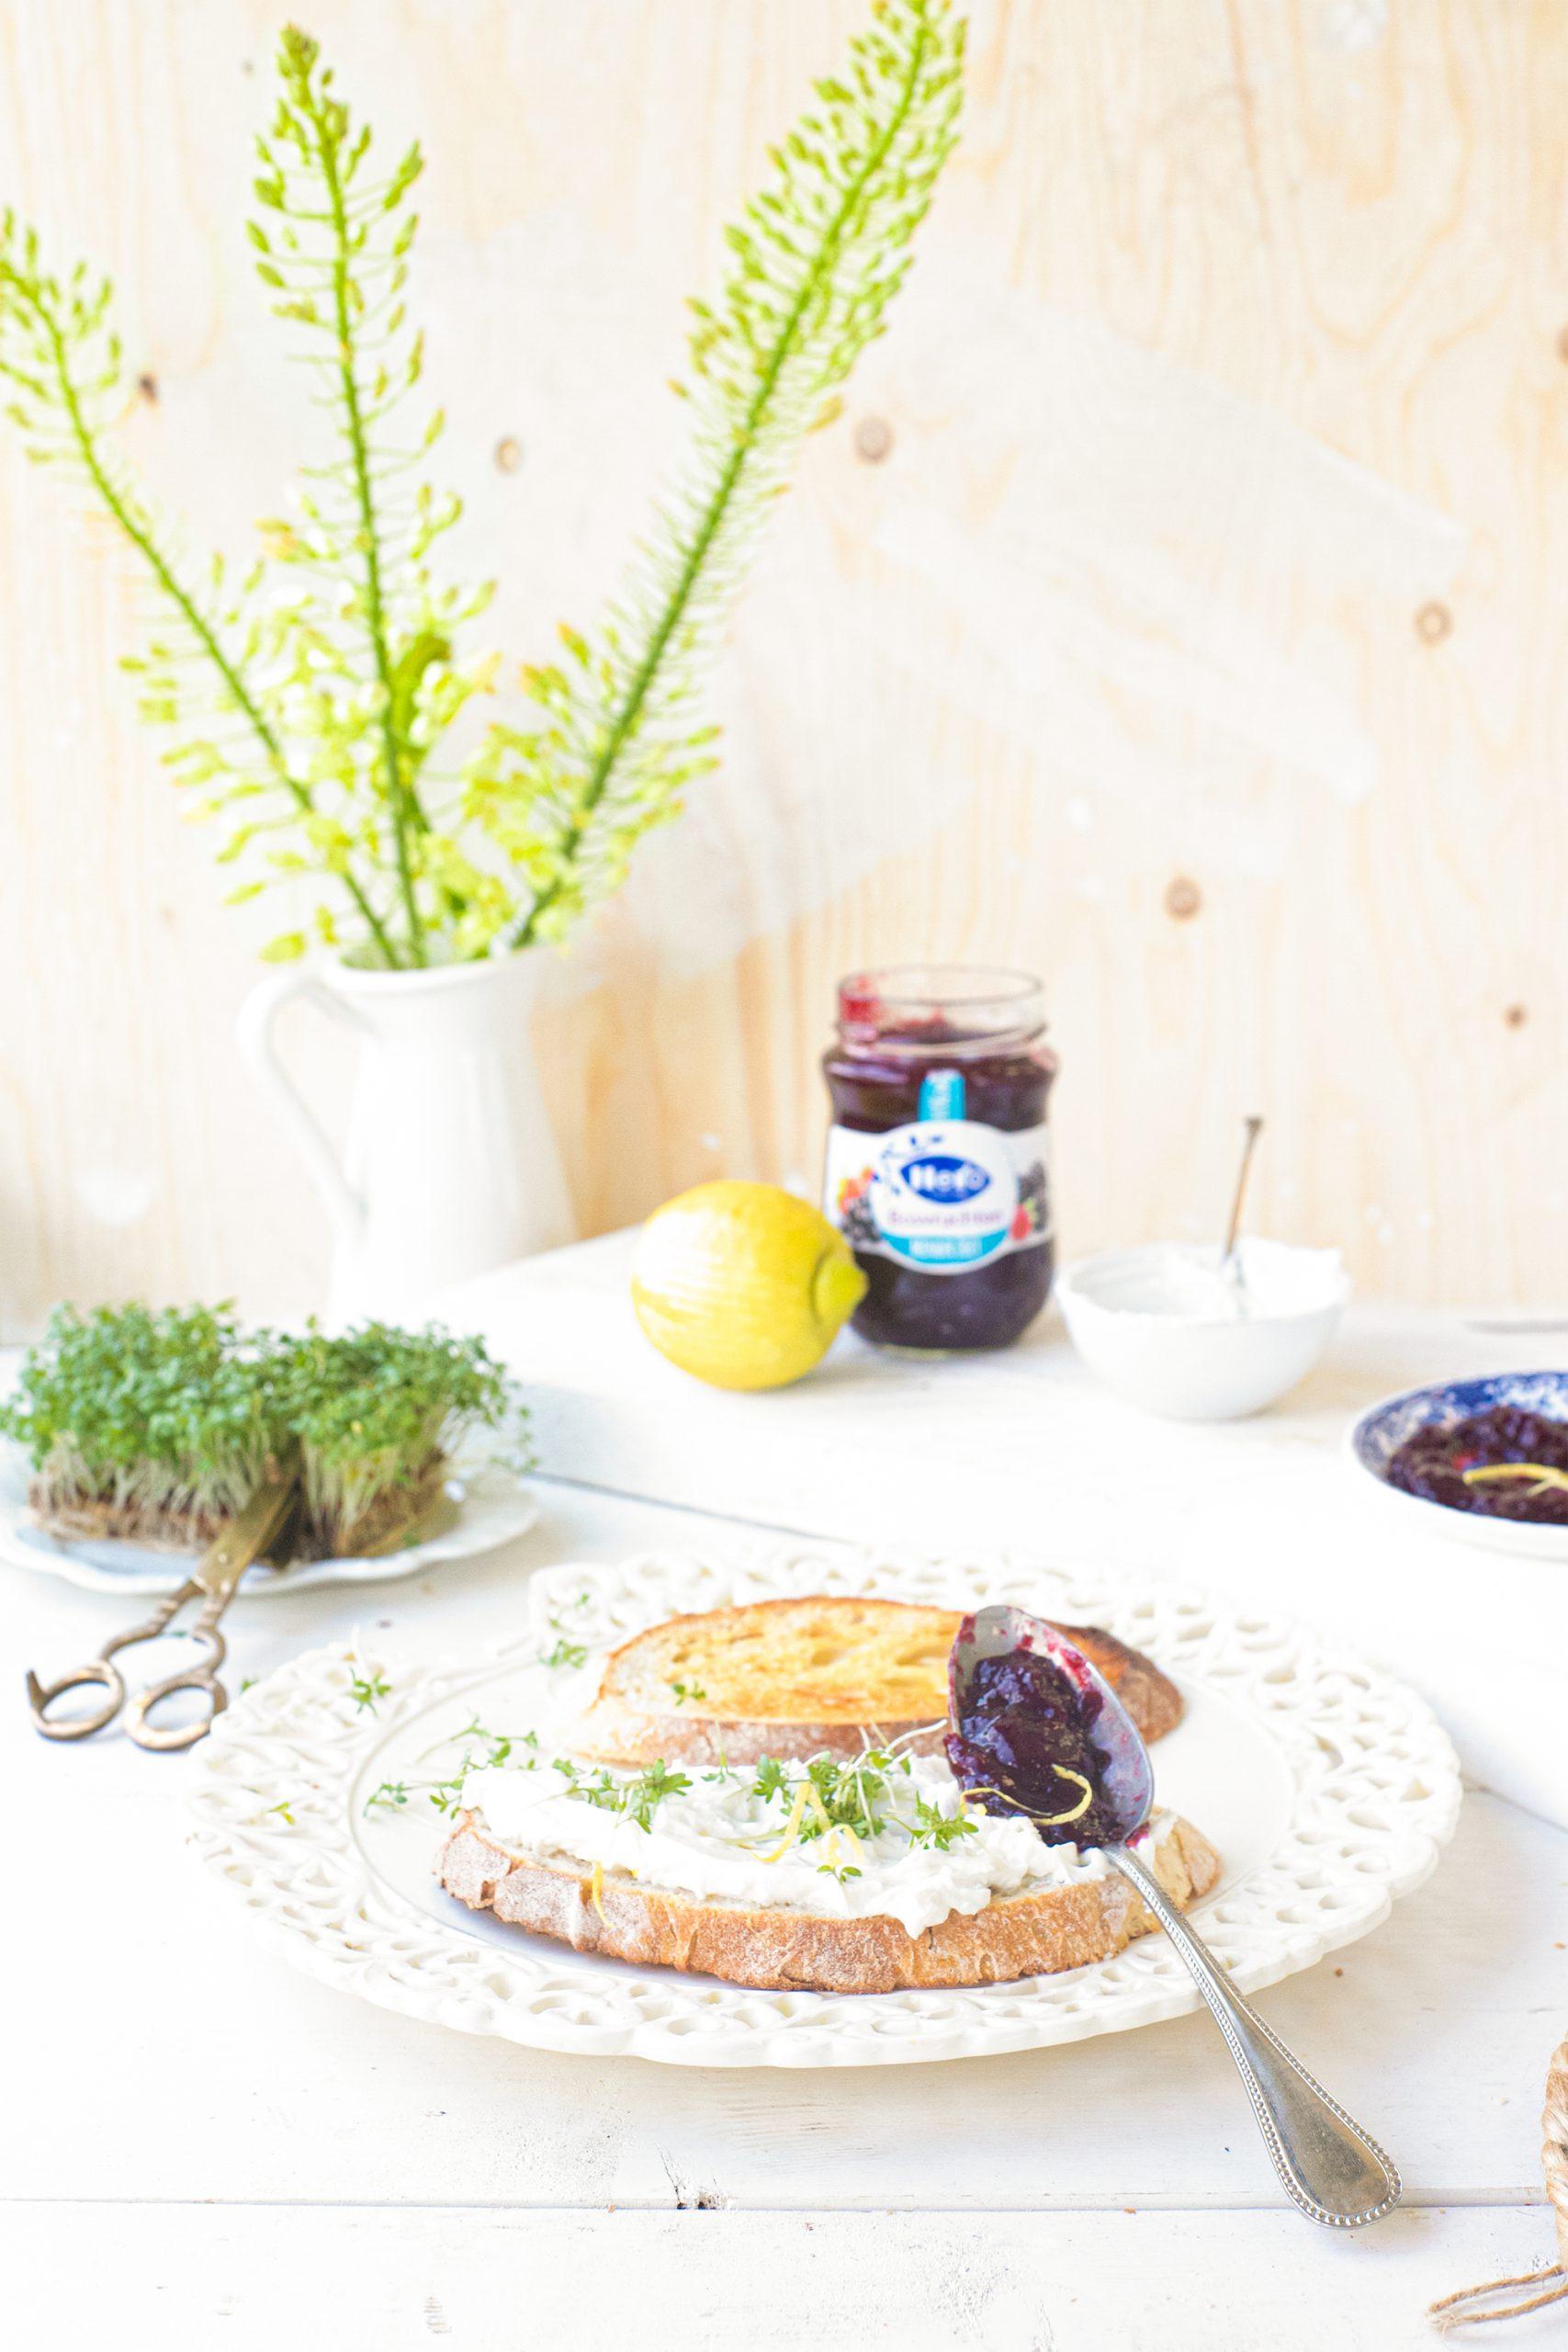 Zuurdesem sandwich met geitenkaas, bosvruchtenjam, citroen & tuinkers 'The Lemon Kitchen